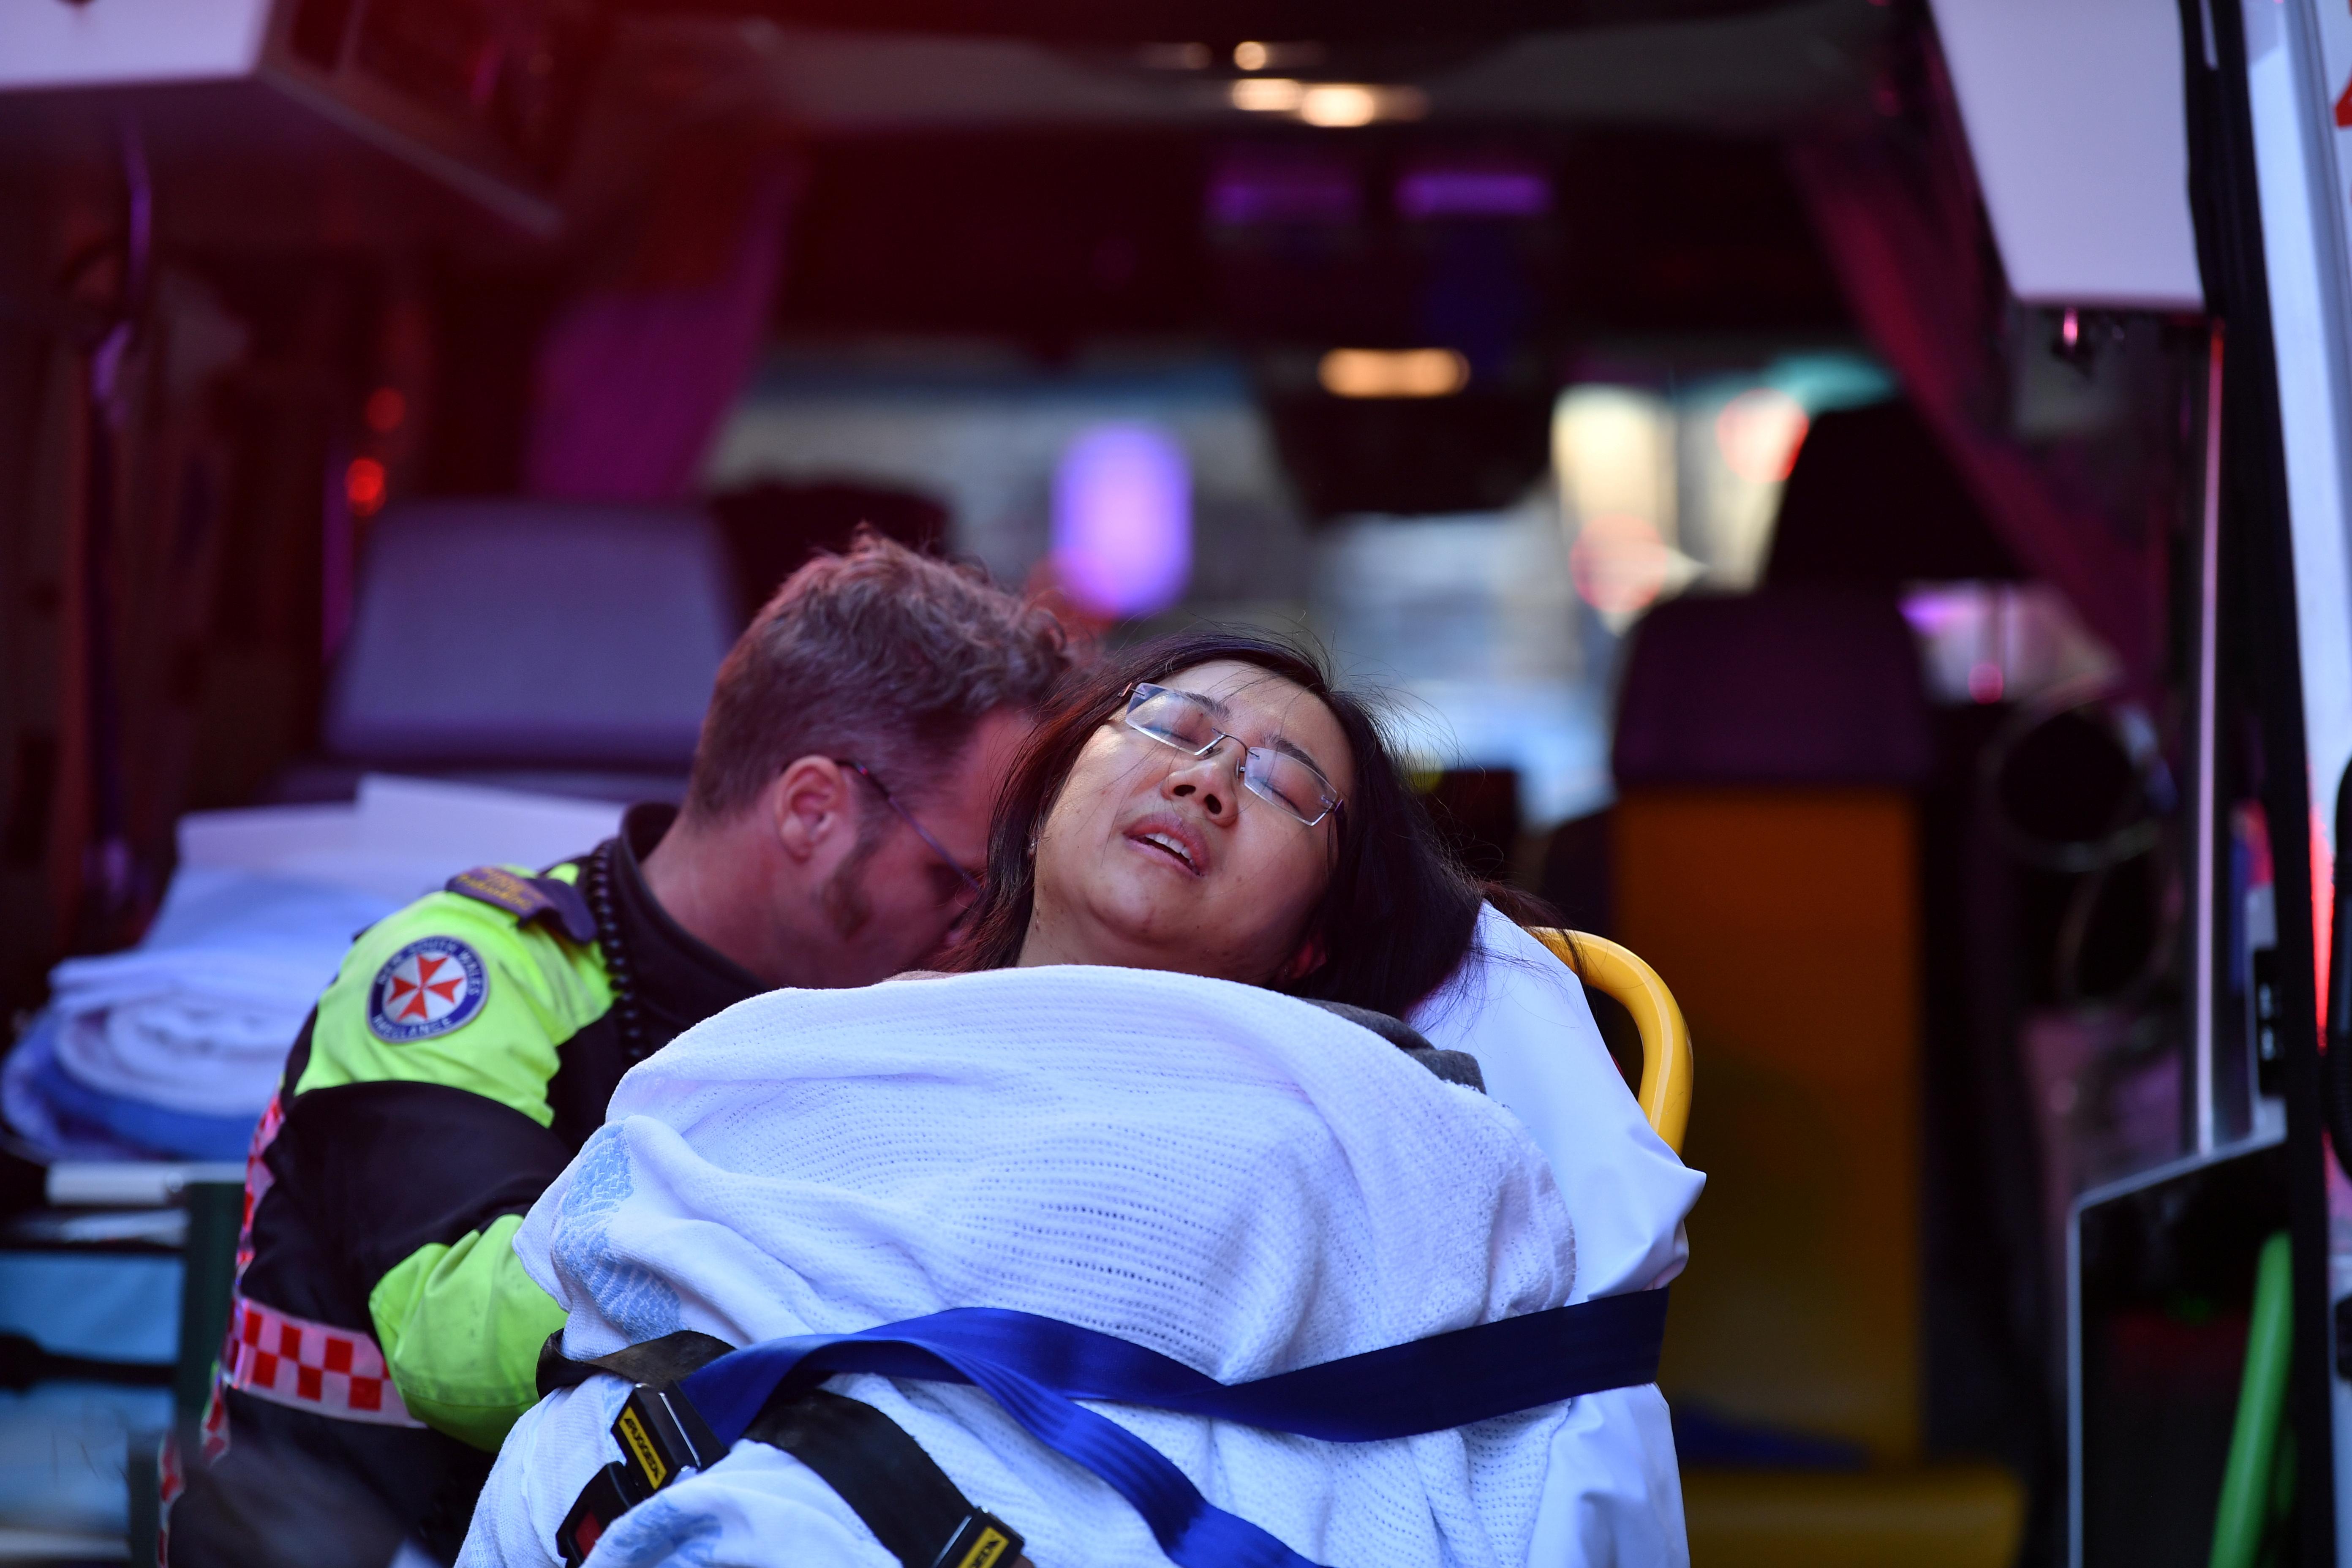 Μία νεκρή και μία τραυματίας από την επίθεση με μαχαίρι στο Σίδνεϊ [Pics, video]